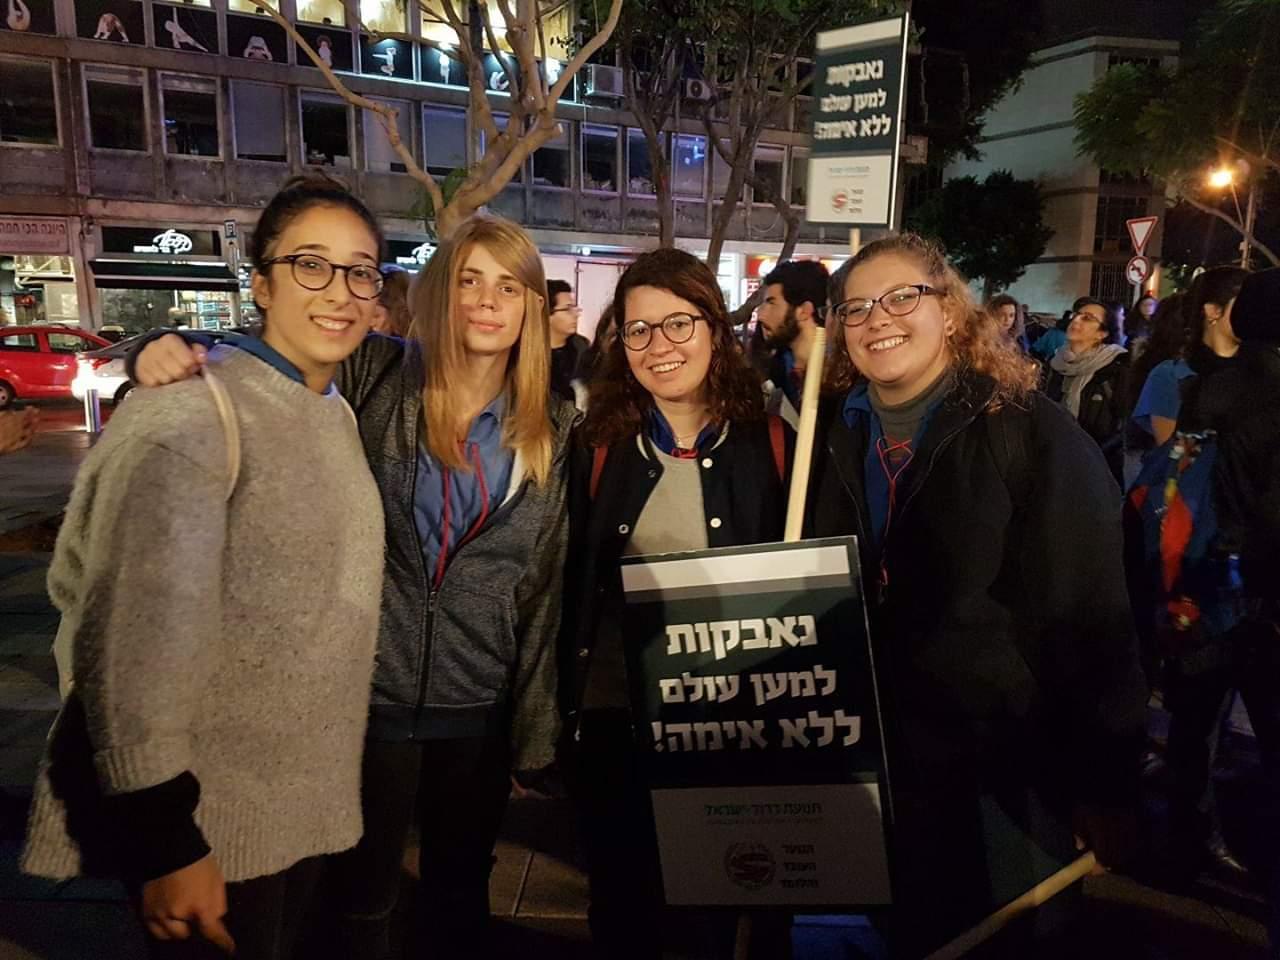 חברות הנוער העובד והלומד בצעדת המאבק באלימות כלפי נשים